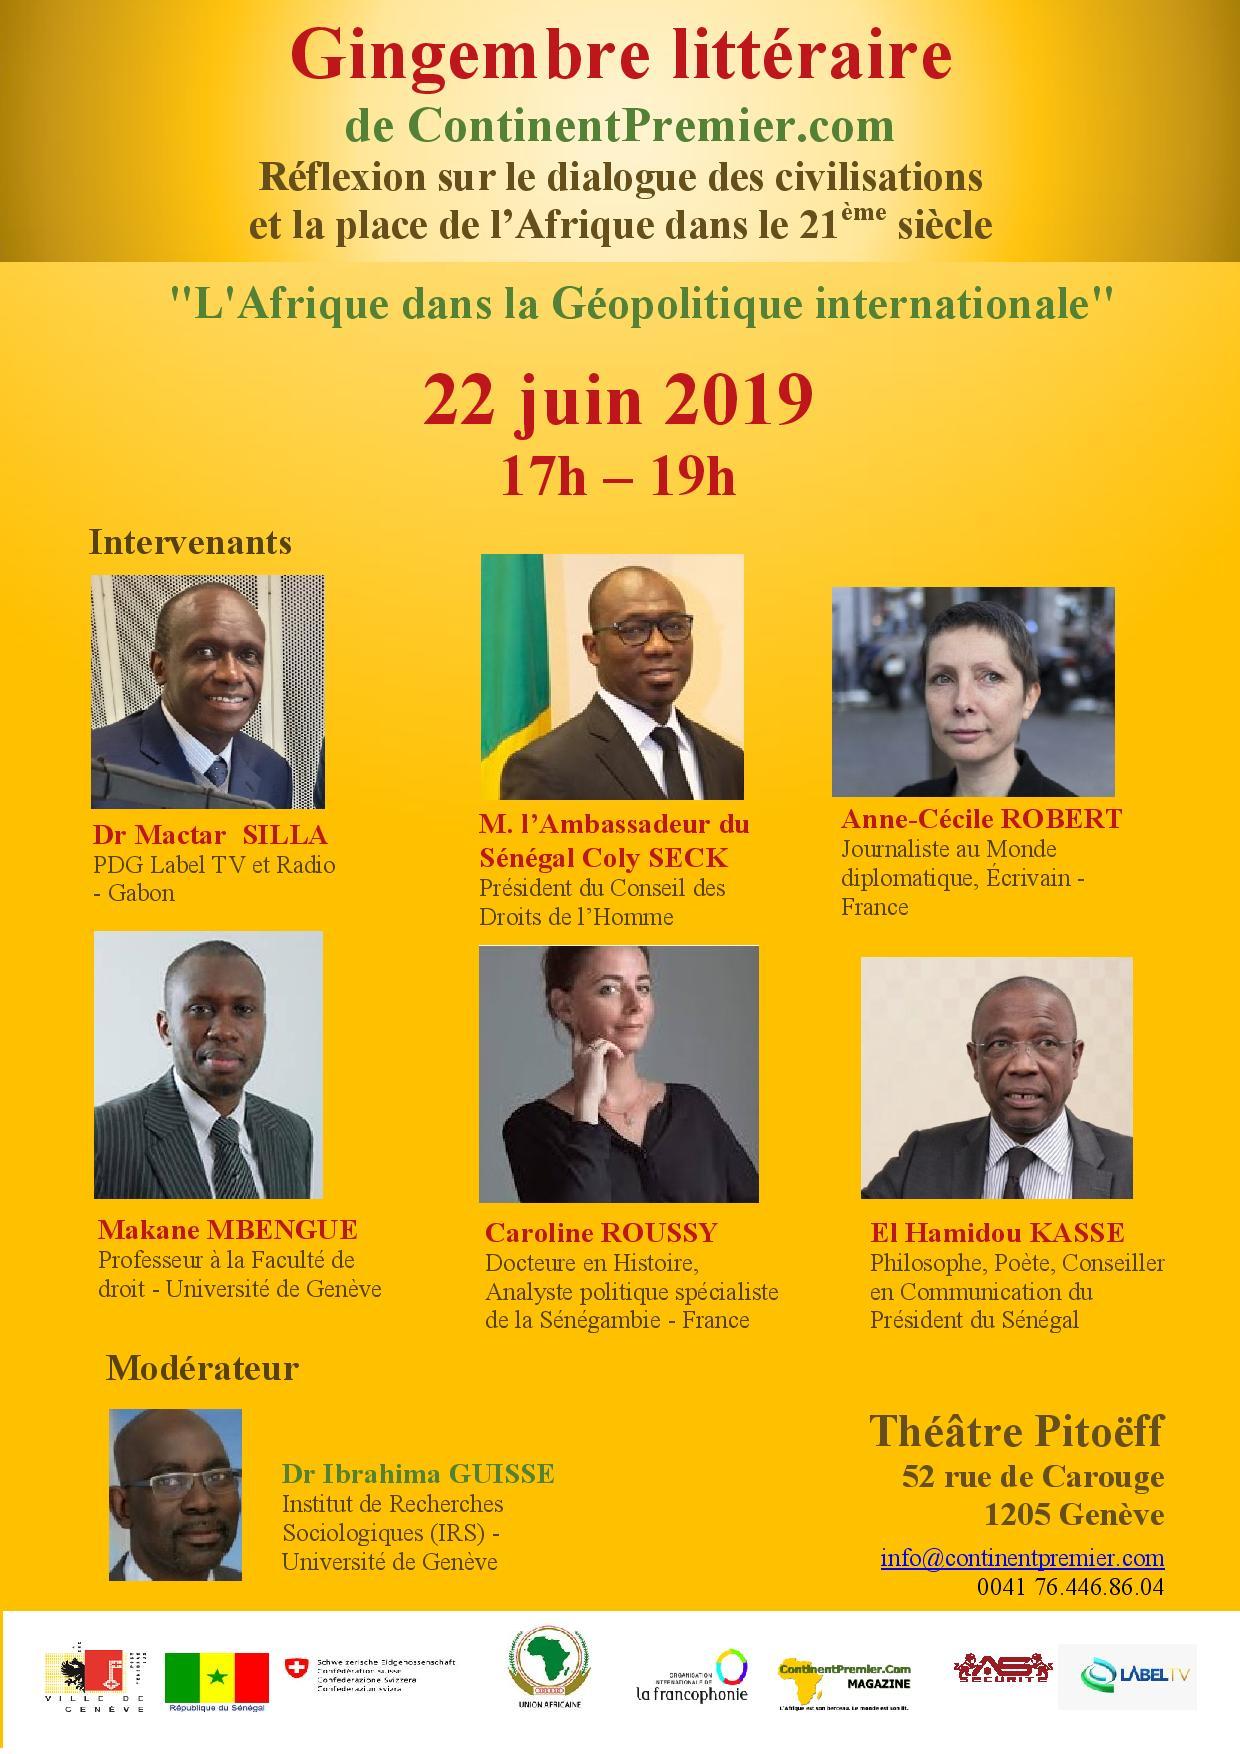 ISMAEL LO A GENEVE : Pour conclure en apothéose une grande réflexion sur la place de l'Afrique dans le 21ème siècle.